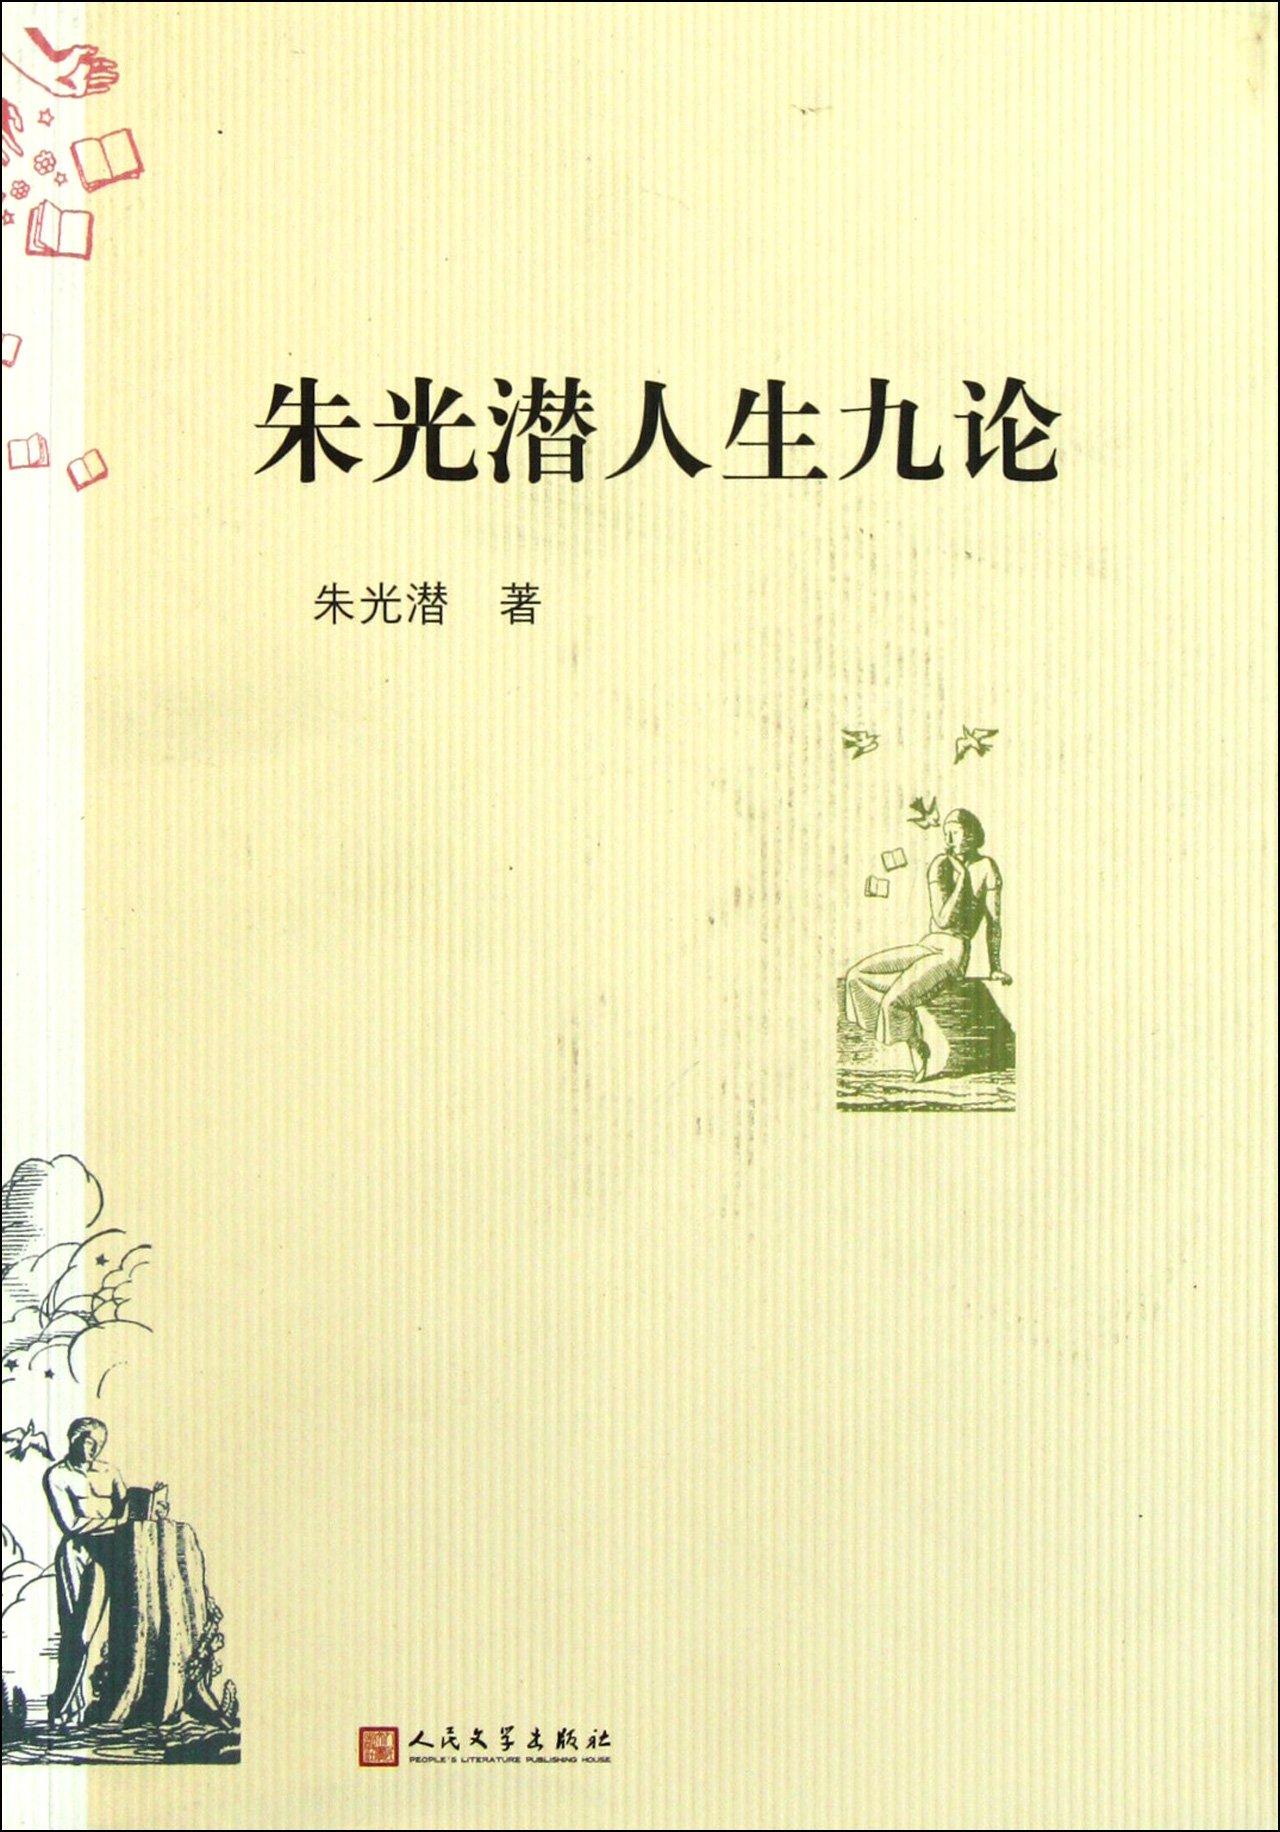 Nine Life Theories of Zhu Guangqian (Chinese Edition) pdf